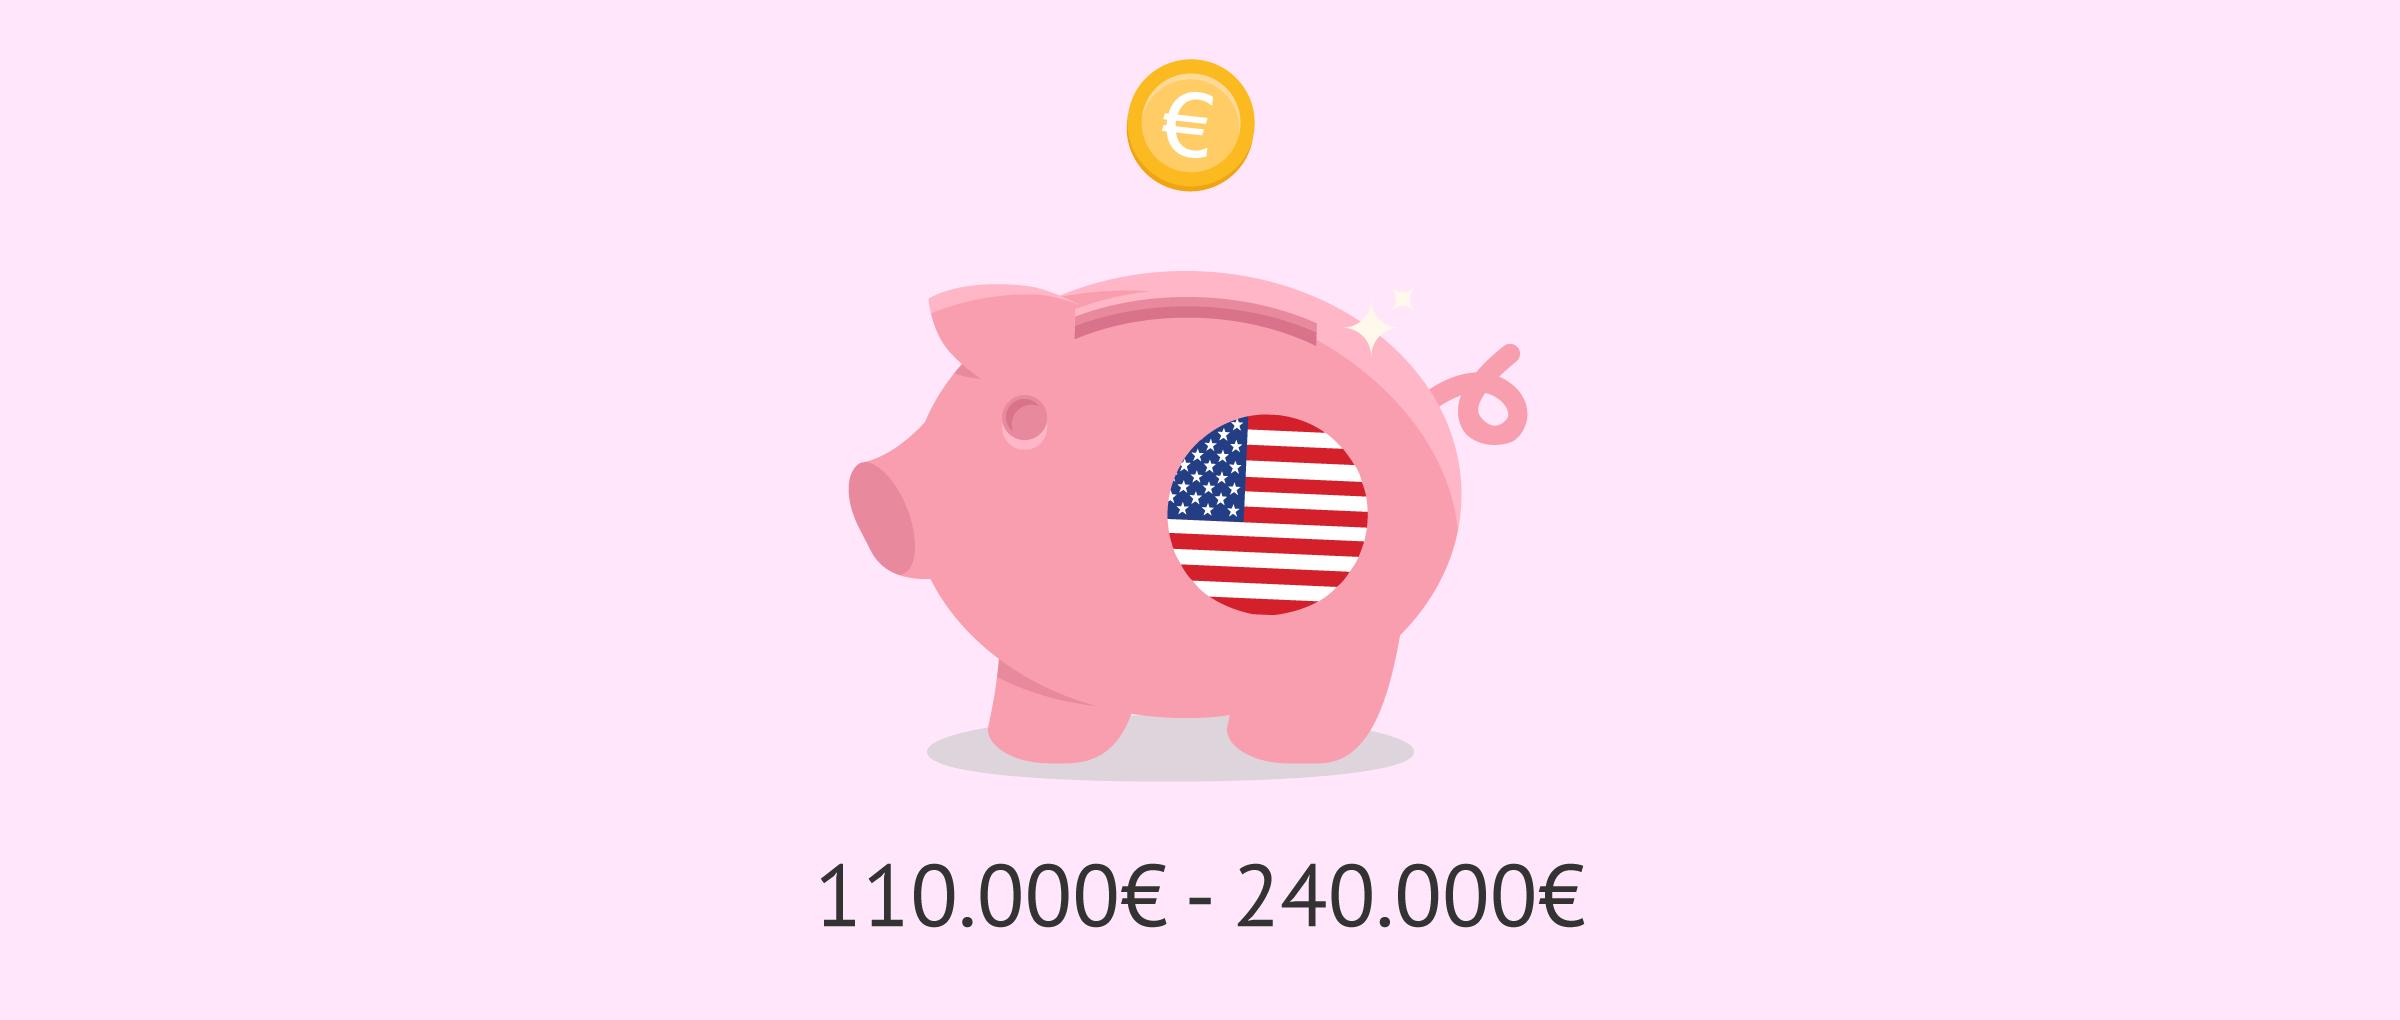 Precio de la gestación subrogada en Estados Unidos